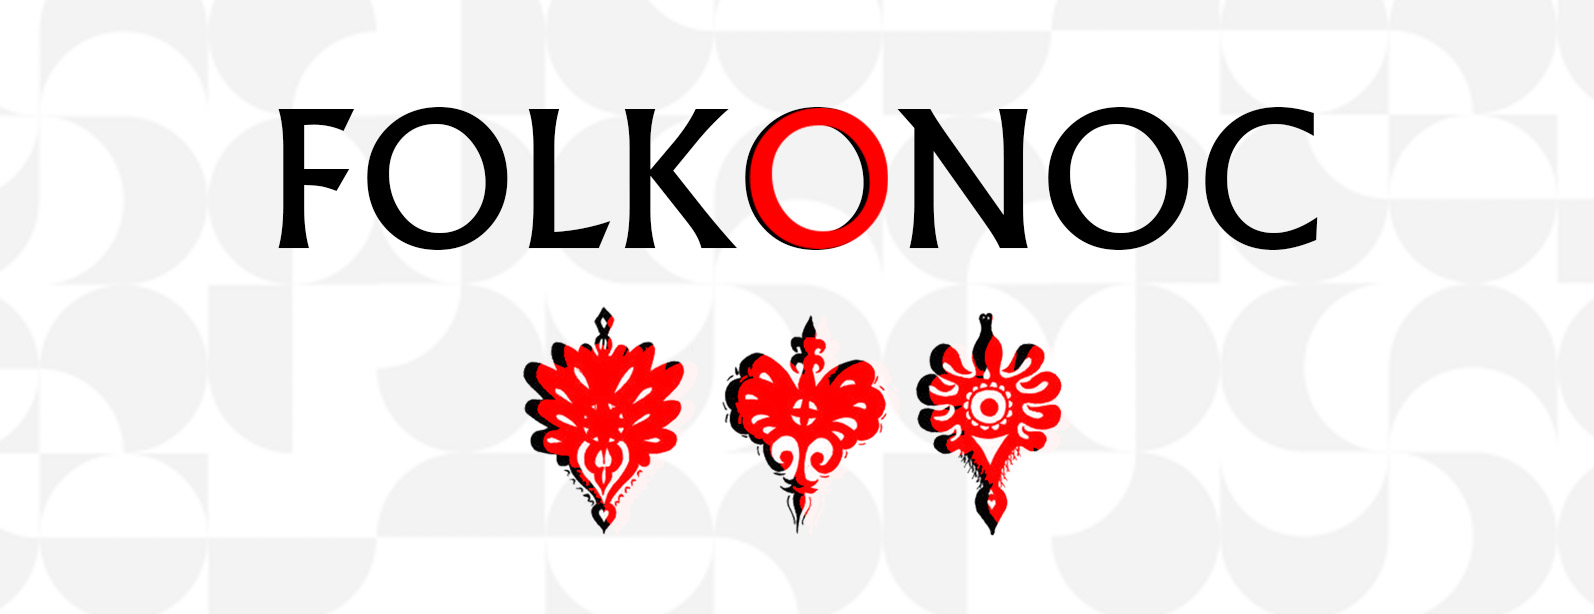 20161023_folkonoc